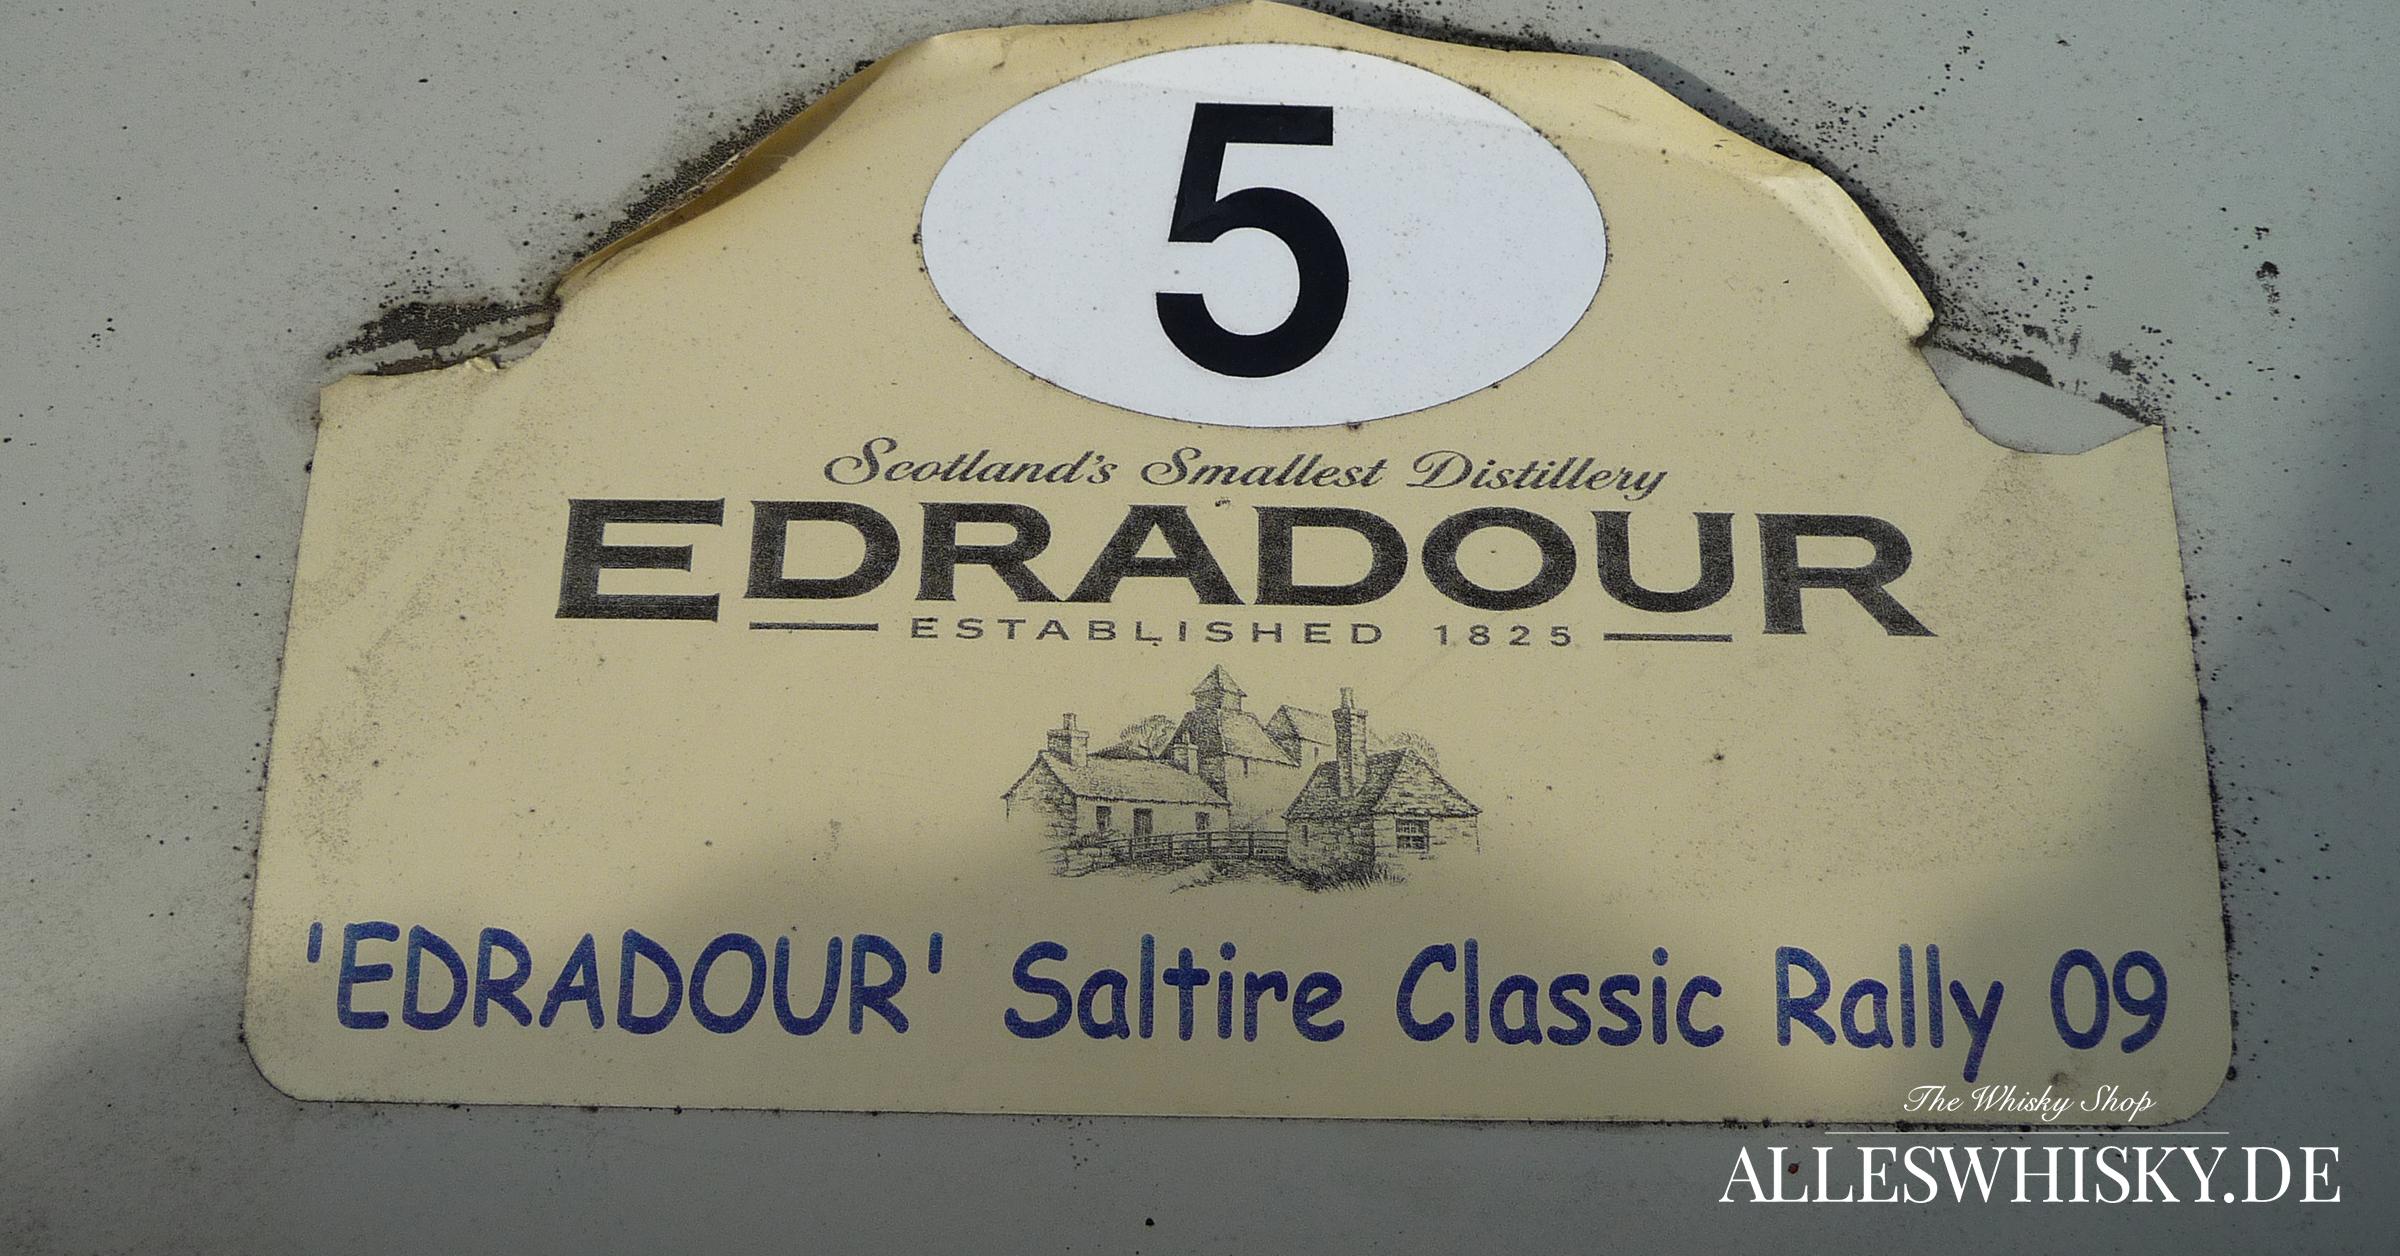 Edradour Whisky Brennerei Trabant Rallye Schild Oktober 2001